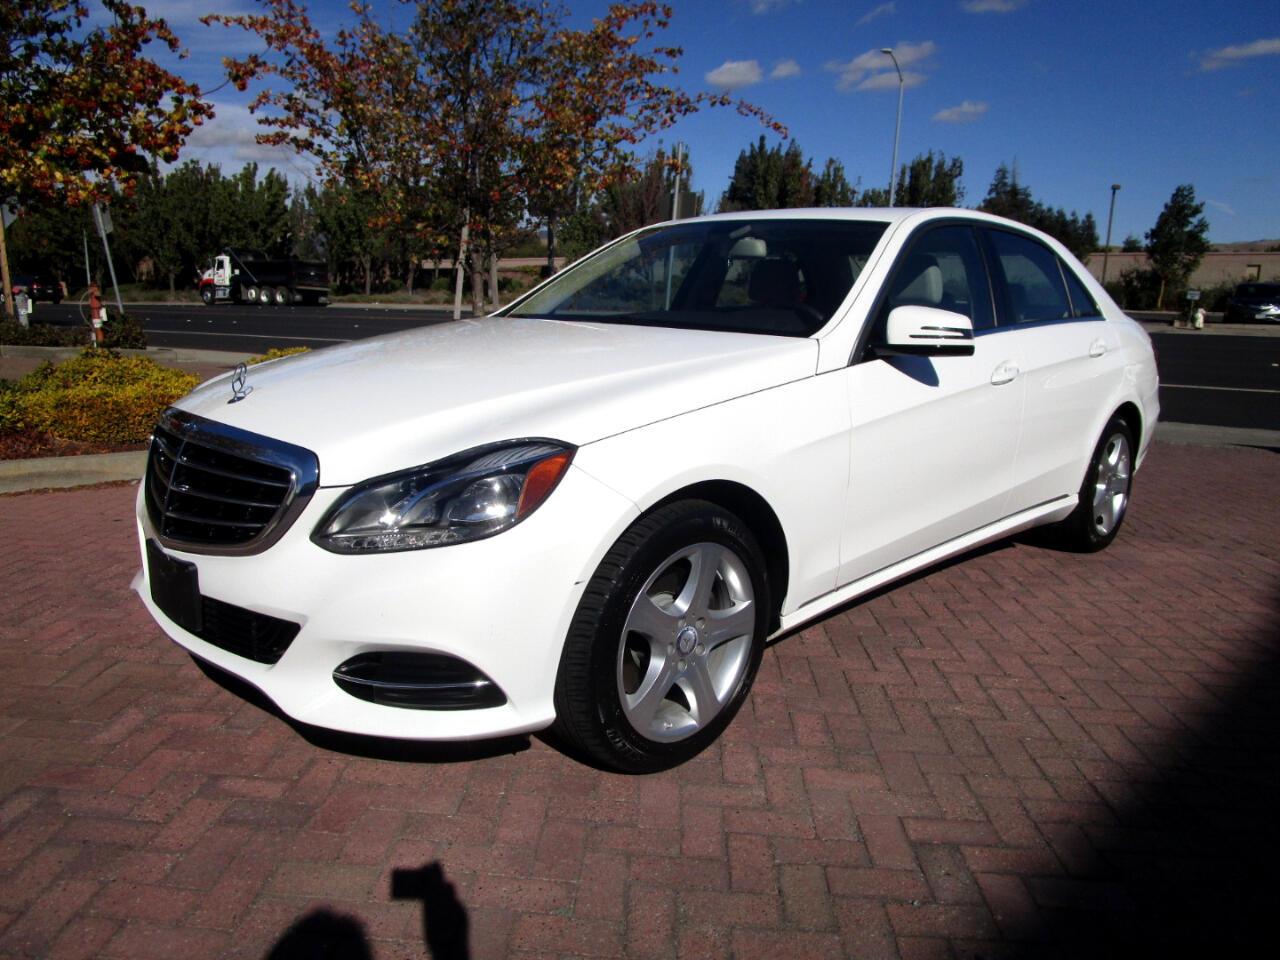 2014 Mercedes-Benz E350 4MATIC*PREM PKG*HEATED SEATS*NAV*SAT RADIO*CAMERA*